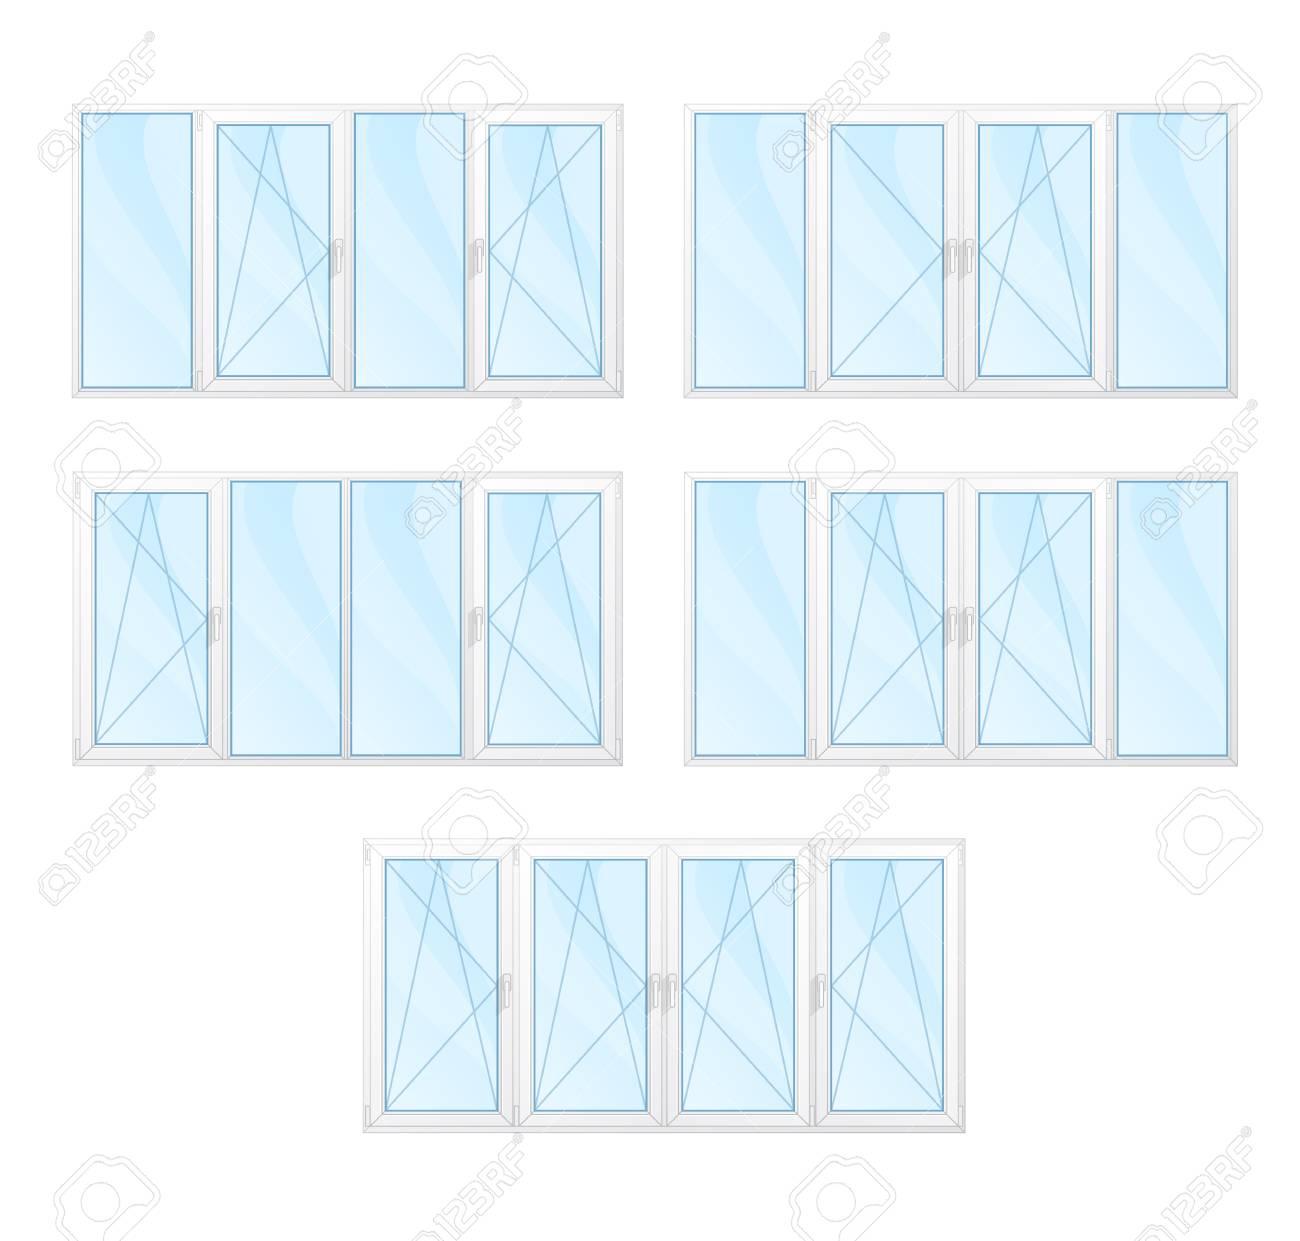 Moderne Glanzend Fenster Mit Weissen Rahmen Set Isoliert Vektor